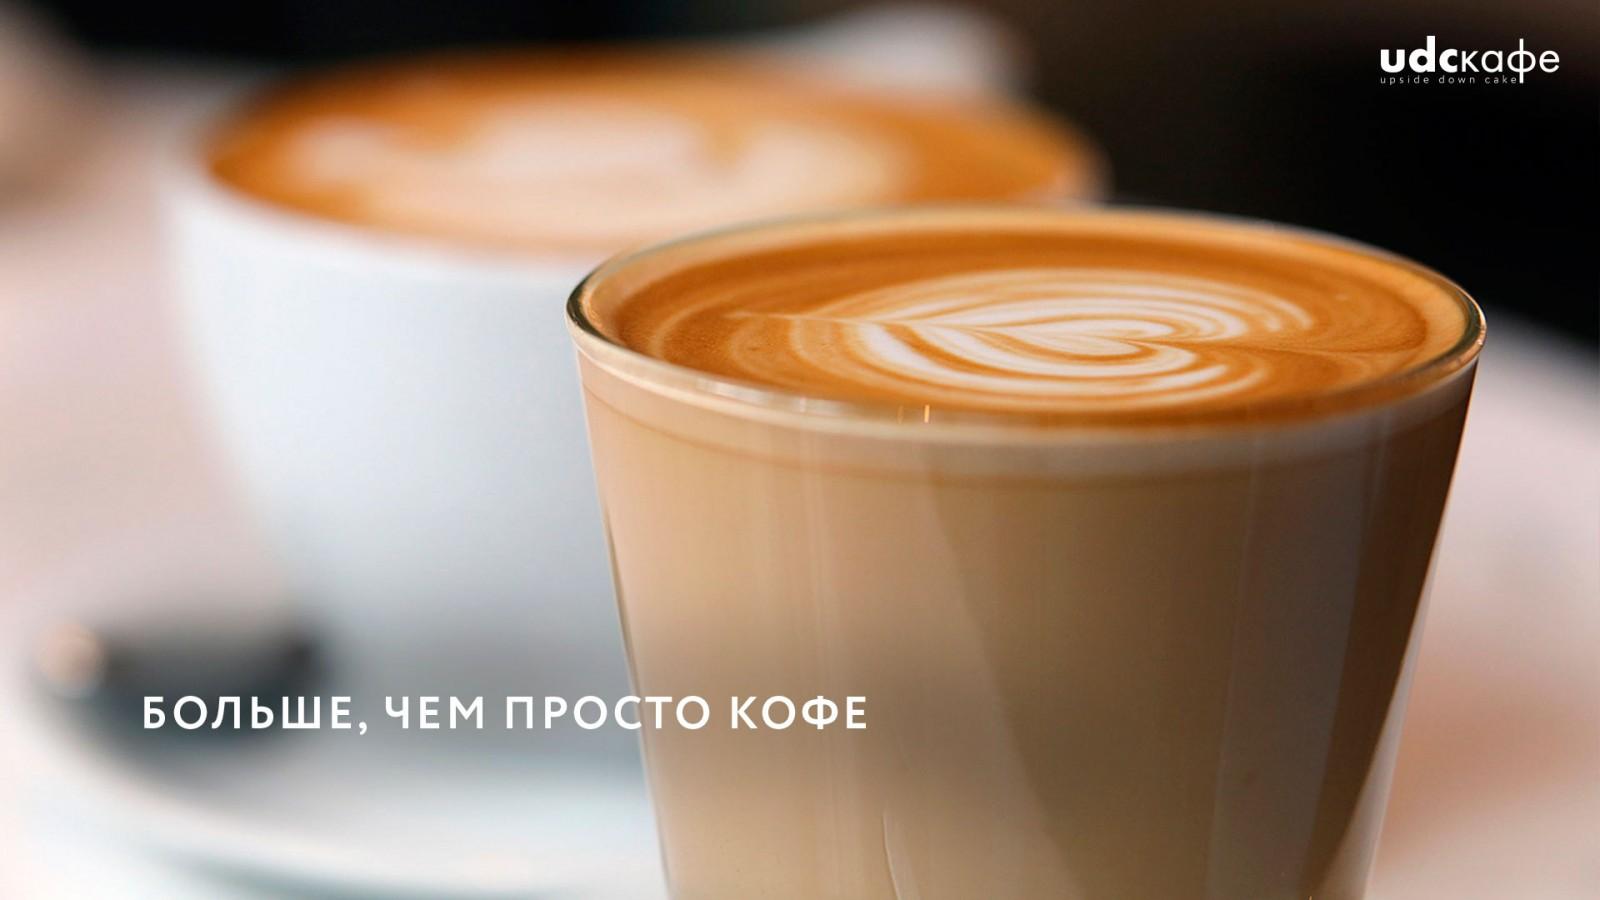 Больше чем просто кофе!